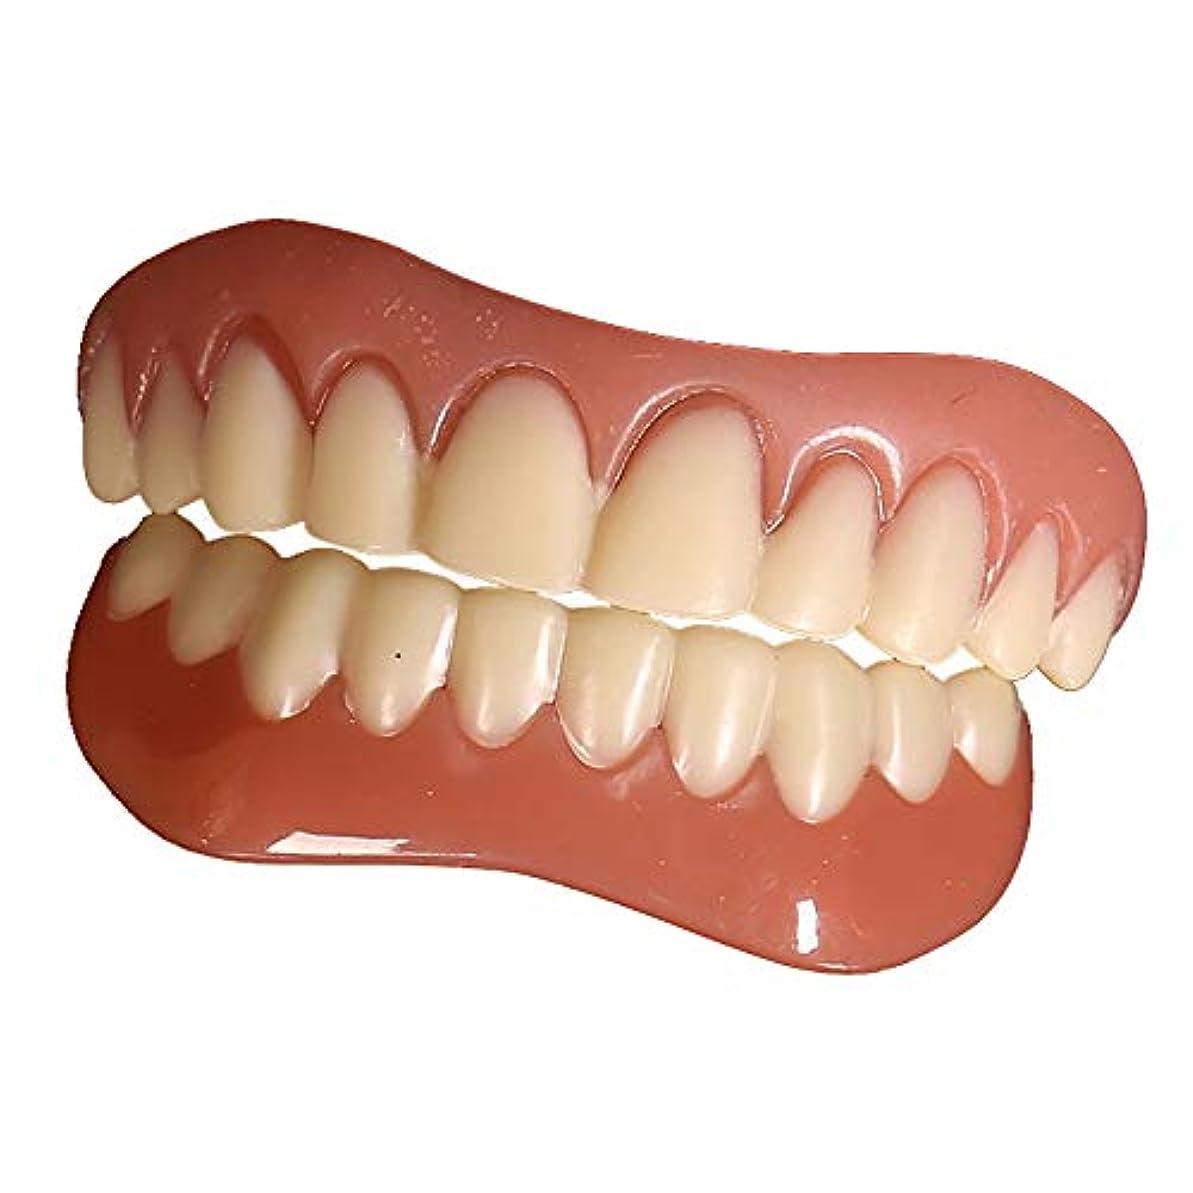 輝度継承残高パーフェクトインスタントスマイルティースベニアインスタント美容義歯上下歯2個入り(フリーサイズ(中)